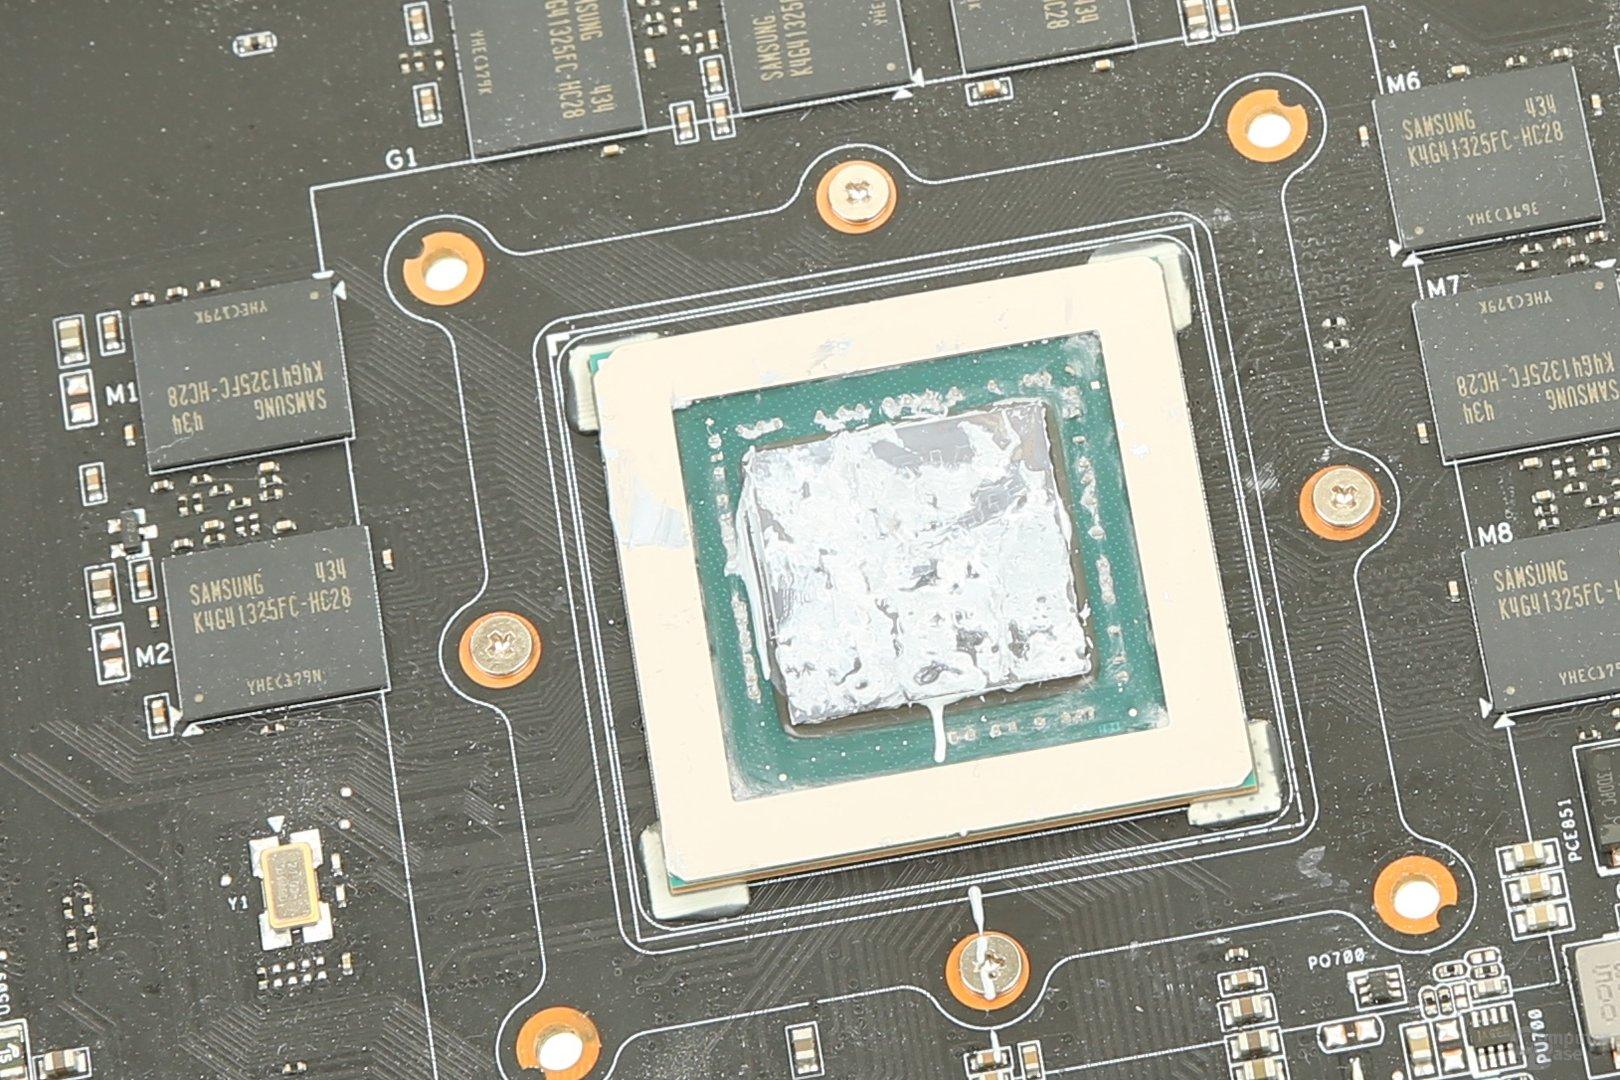 Wärmeleitpaste auf der GPU der Asus GeForce GTX 980 Matrix